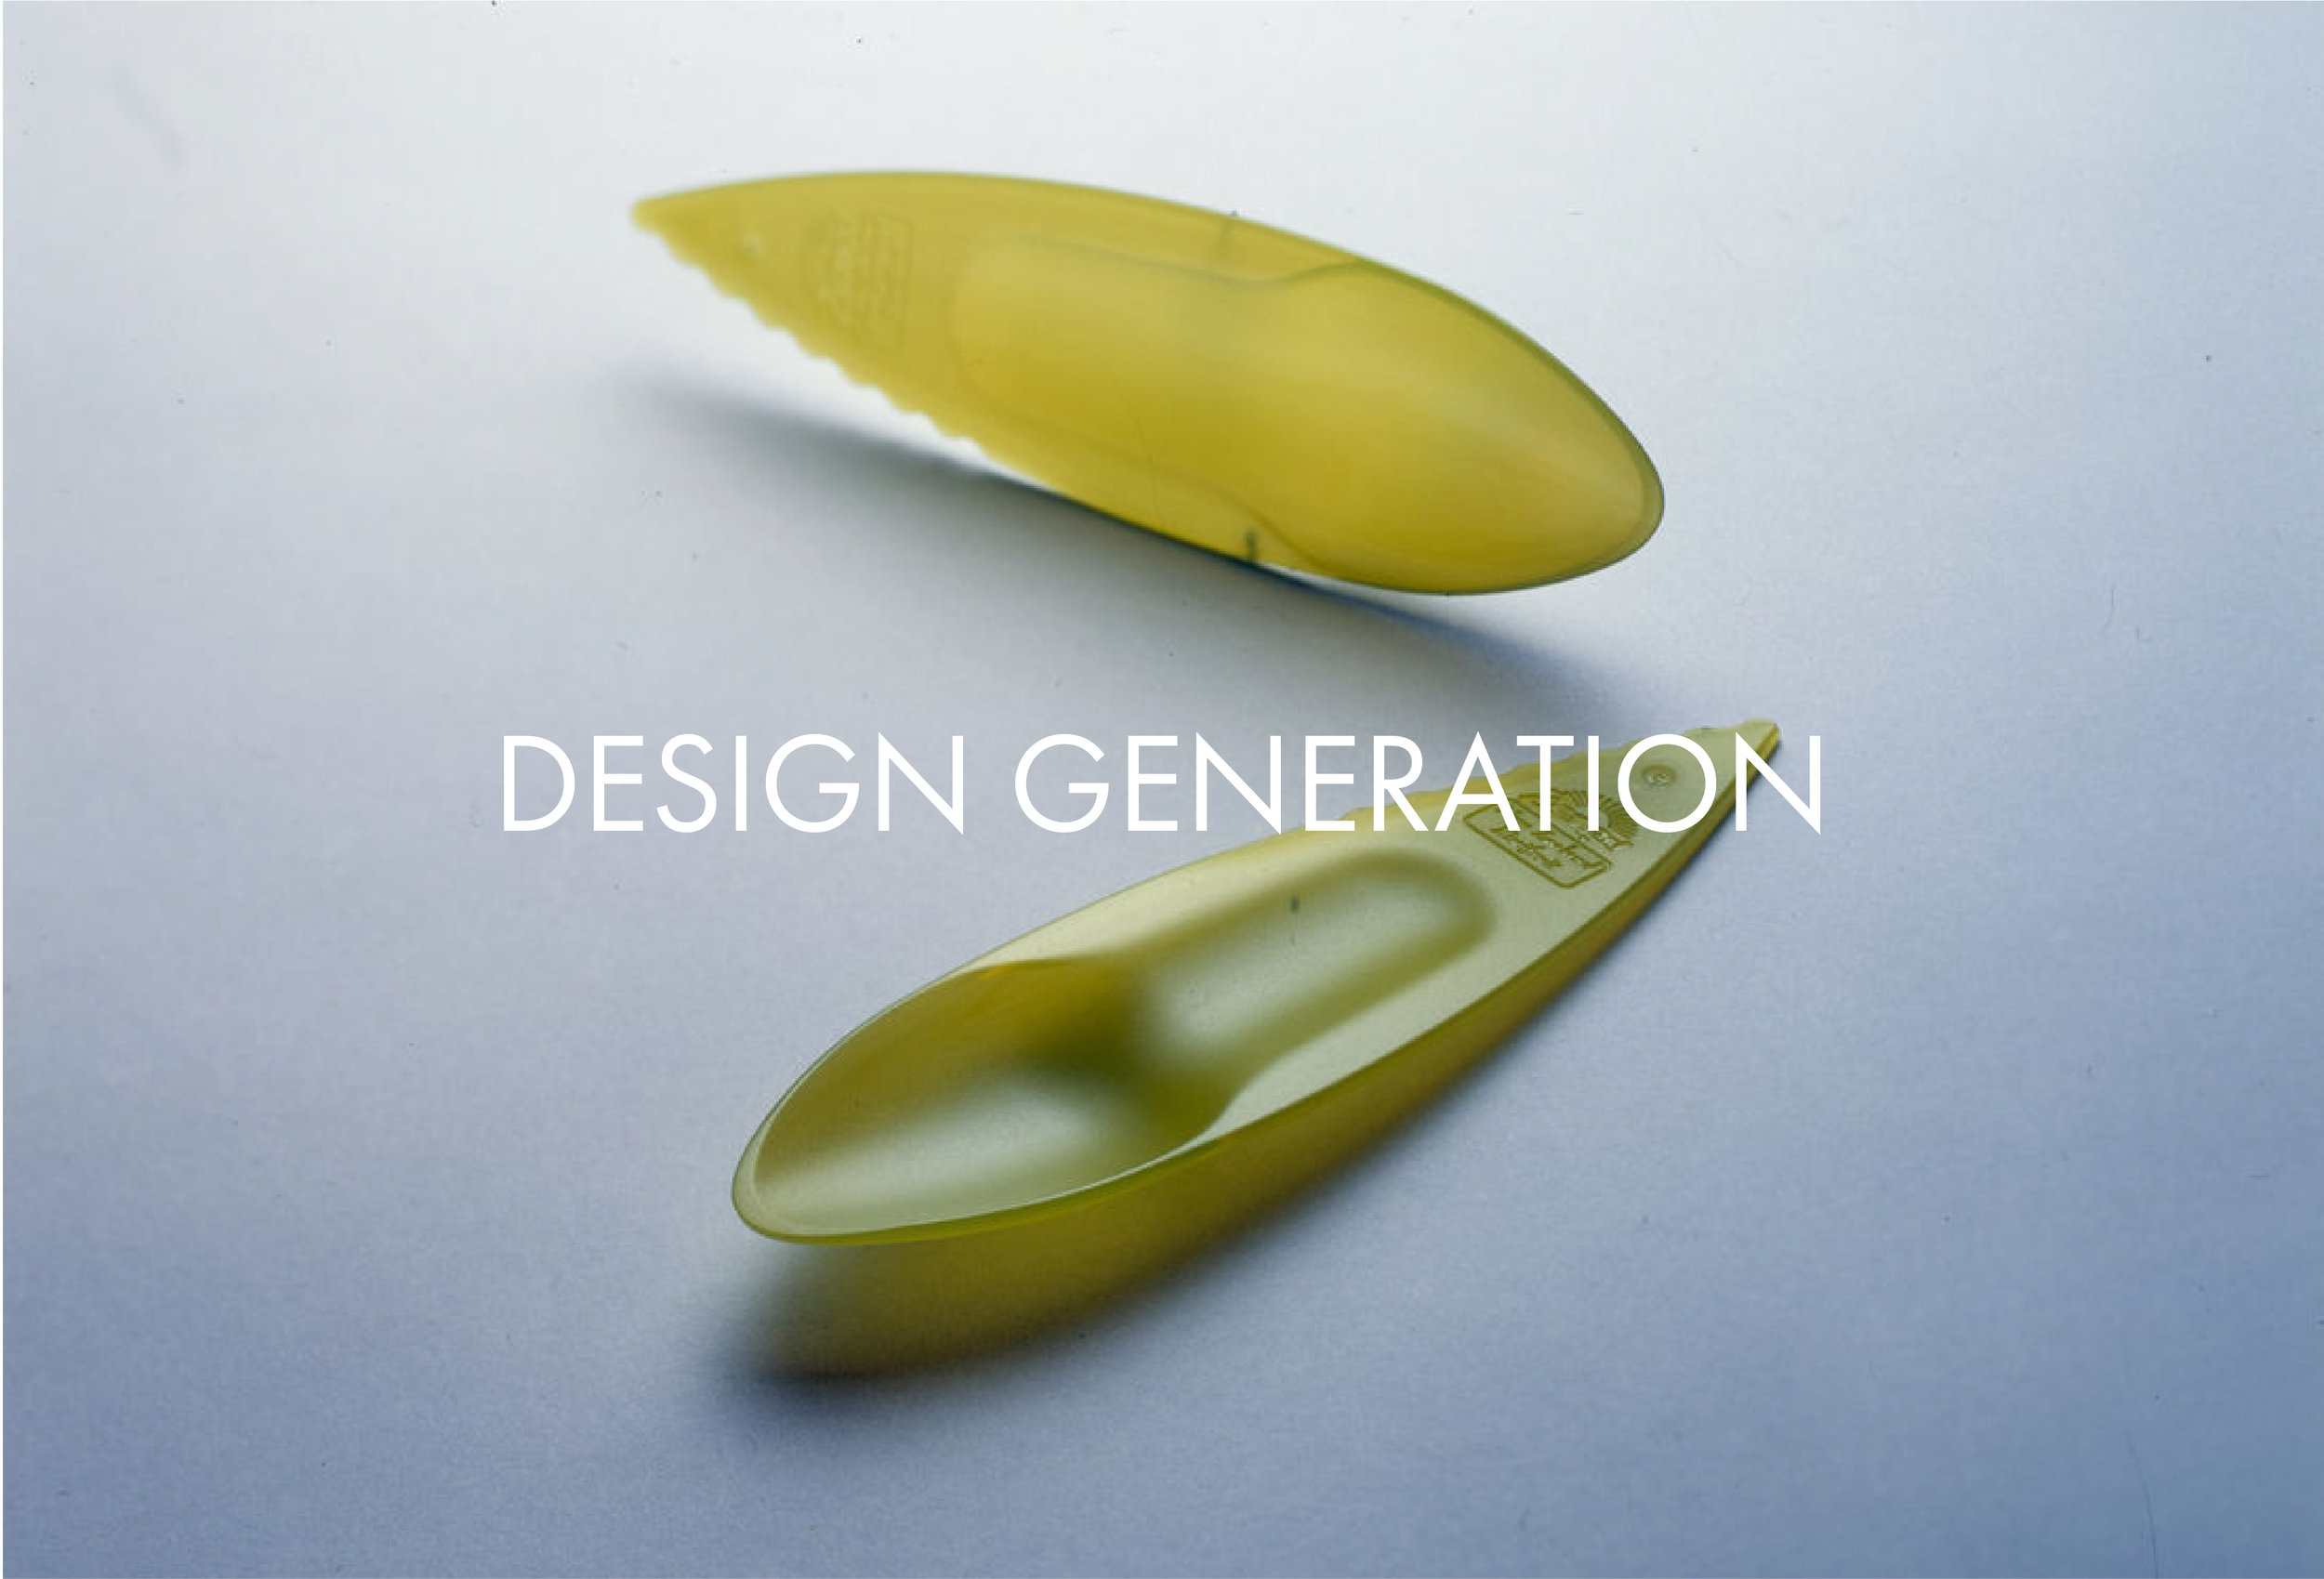 designgeneration.jpg